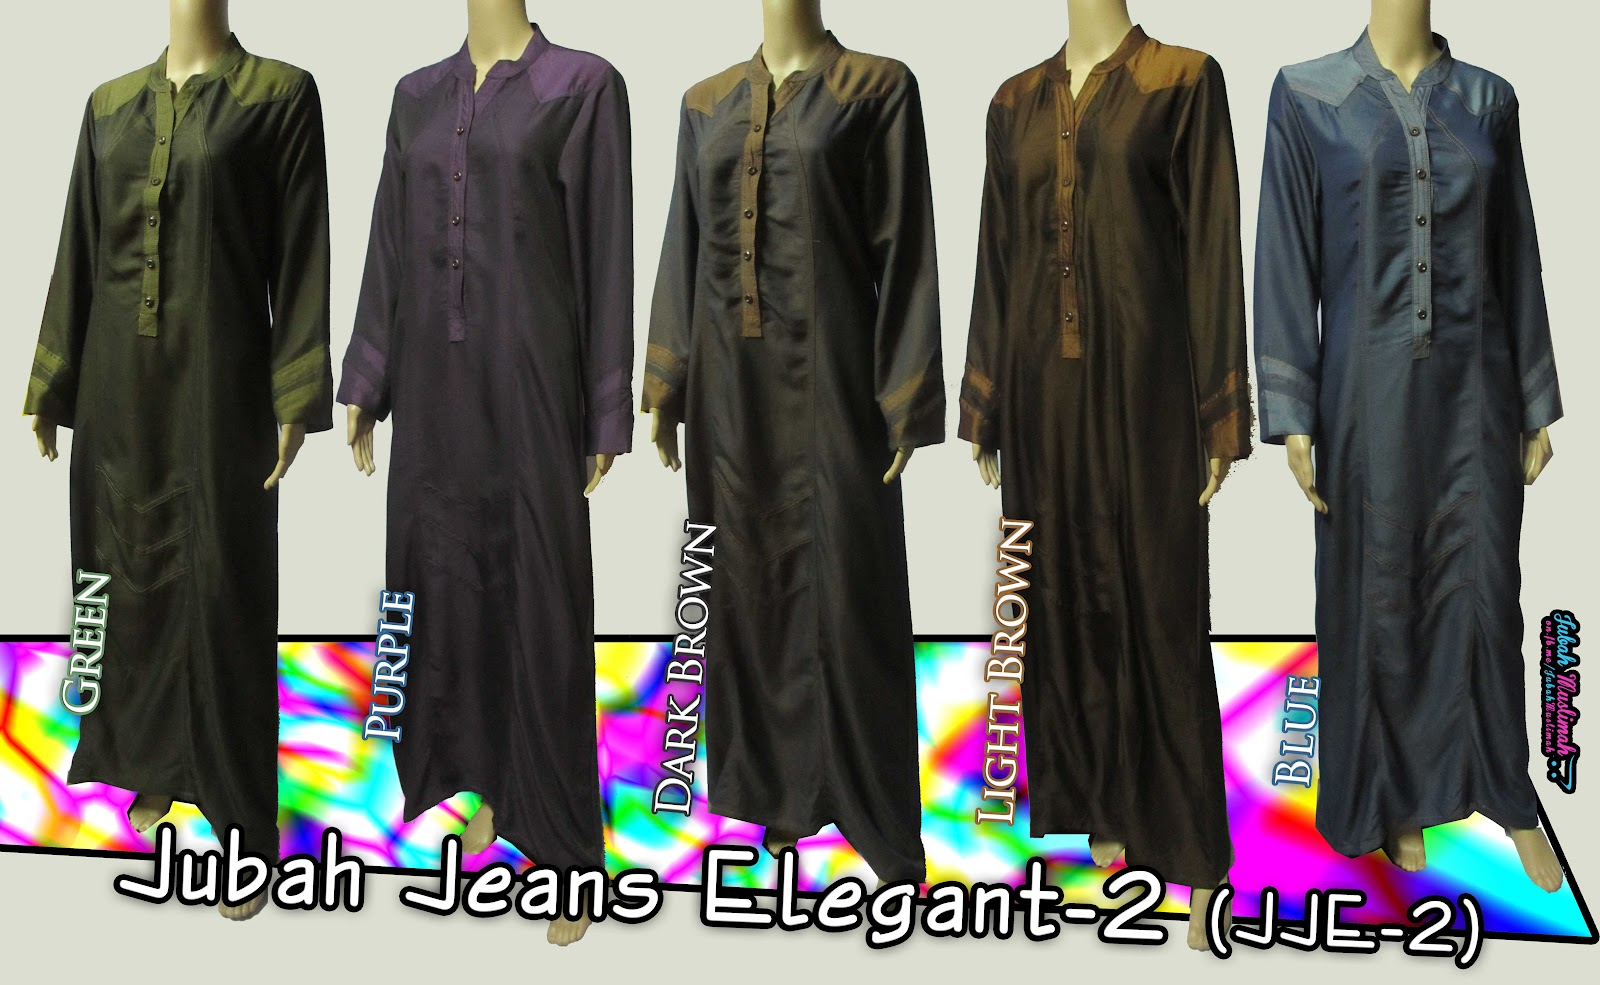 JJE-2] Jubah Jeans Elegant-2, Butang Boleh Buka ^_^